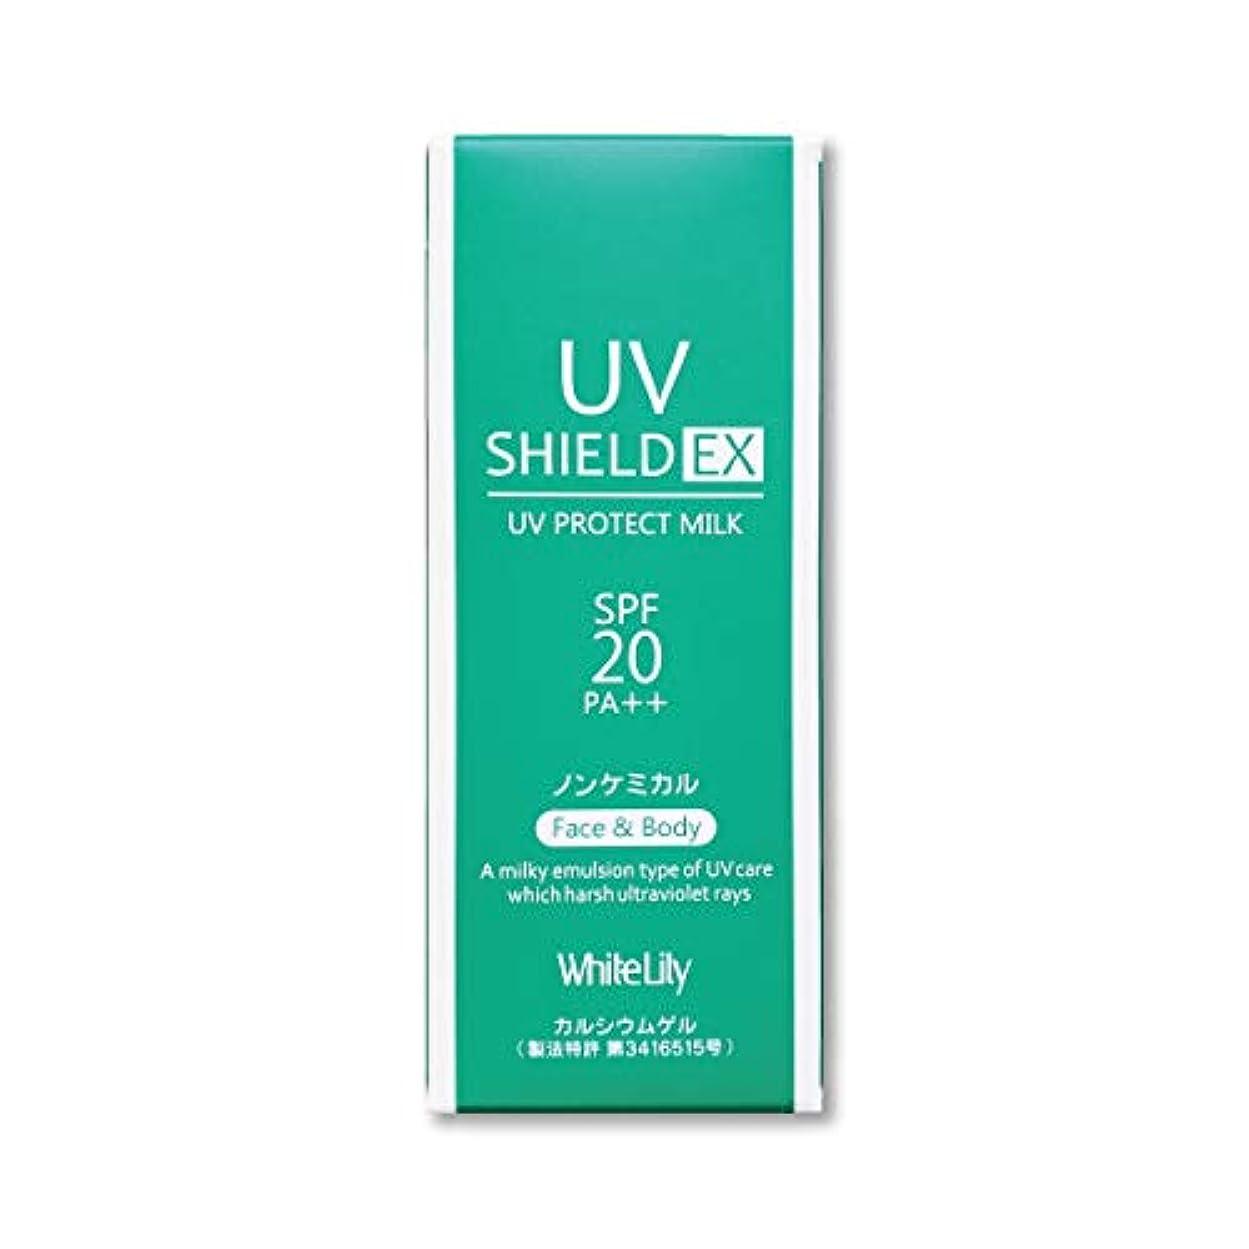 ケーブル民主主義竜巻ホワイトリリー UVシールド EX 敏感肌用日焼け止め乳液 SPF20 PA++ 50mL